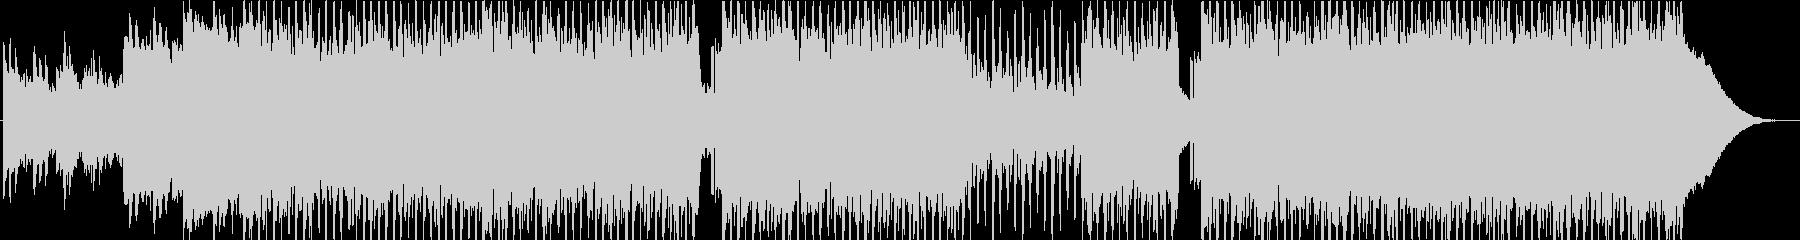 ピアノ 爽やか コーポレートの未再生の波形